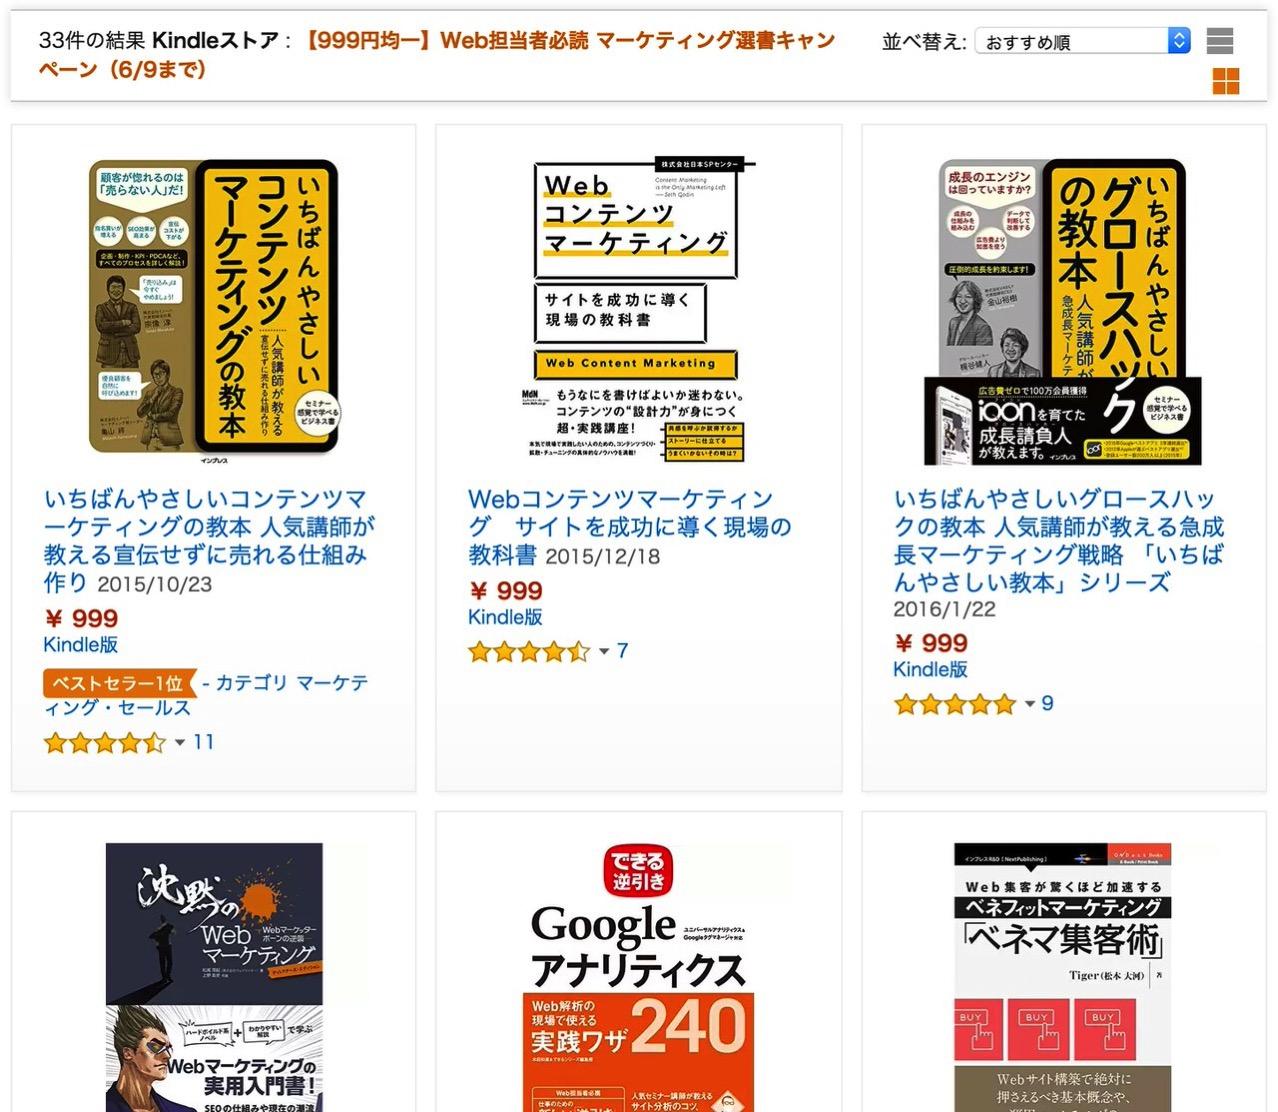 【Kindle】999円均一セール「Web担当者必読 マーケティング選書キャンペーン」